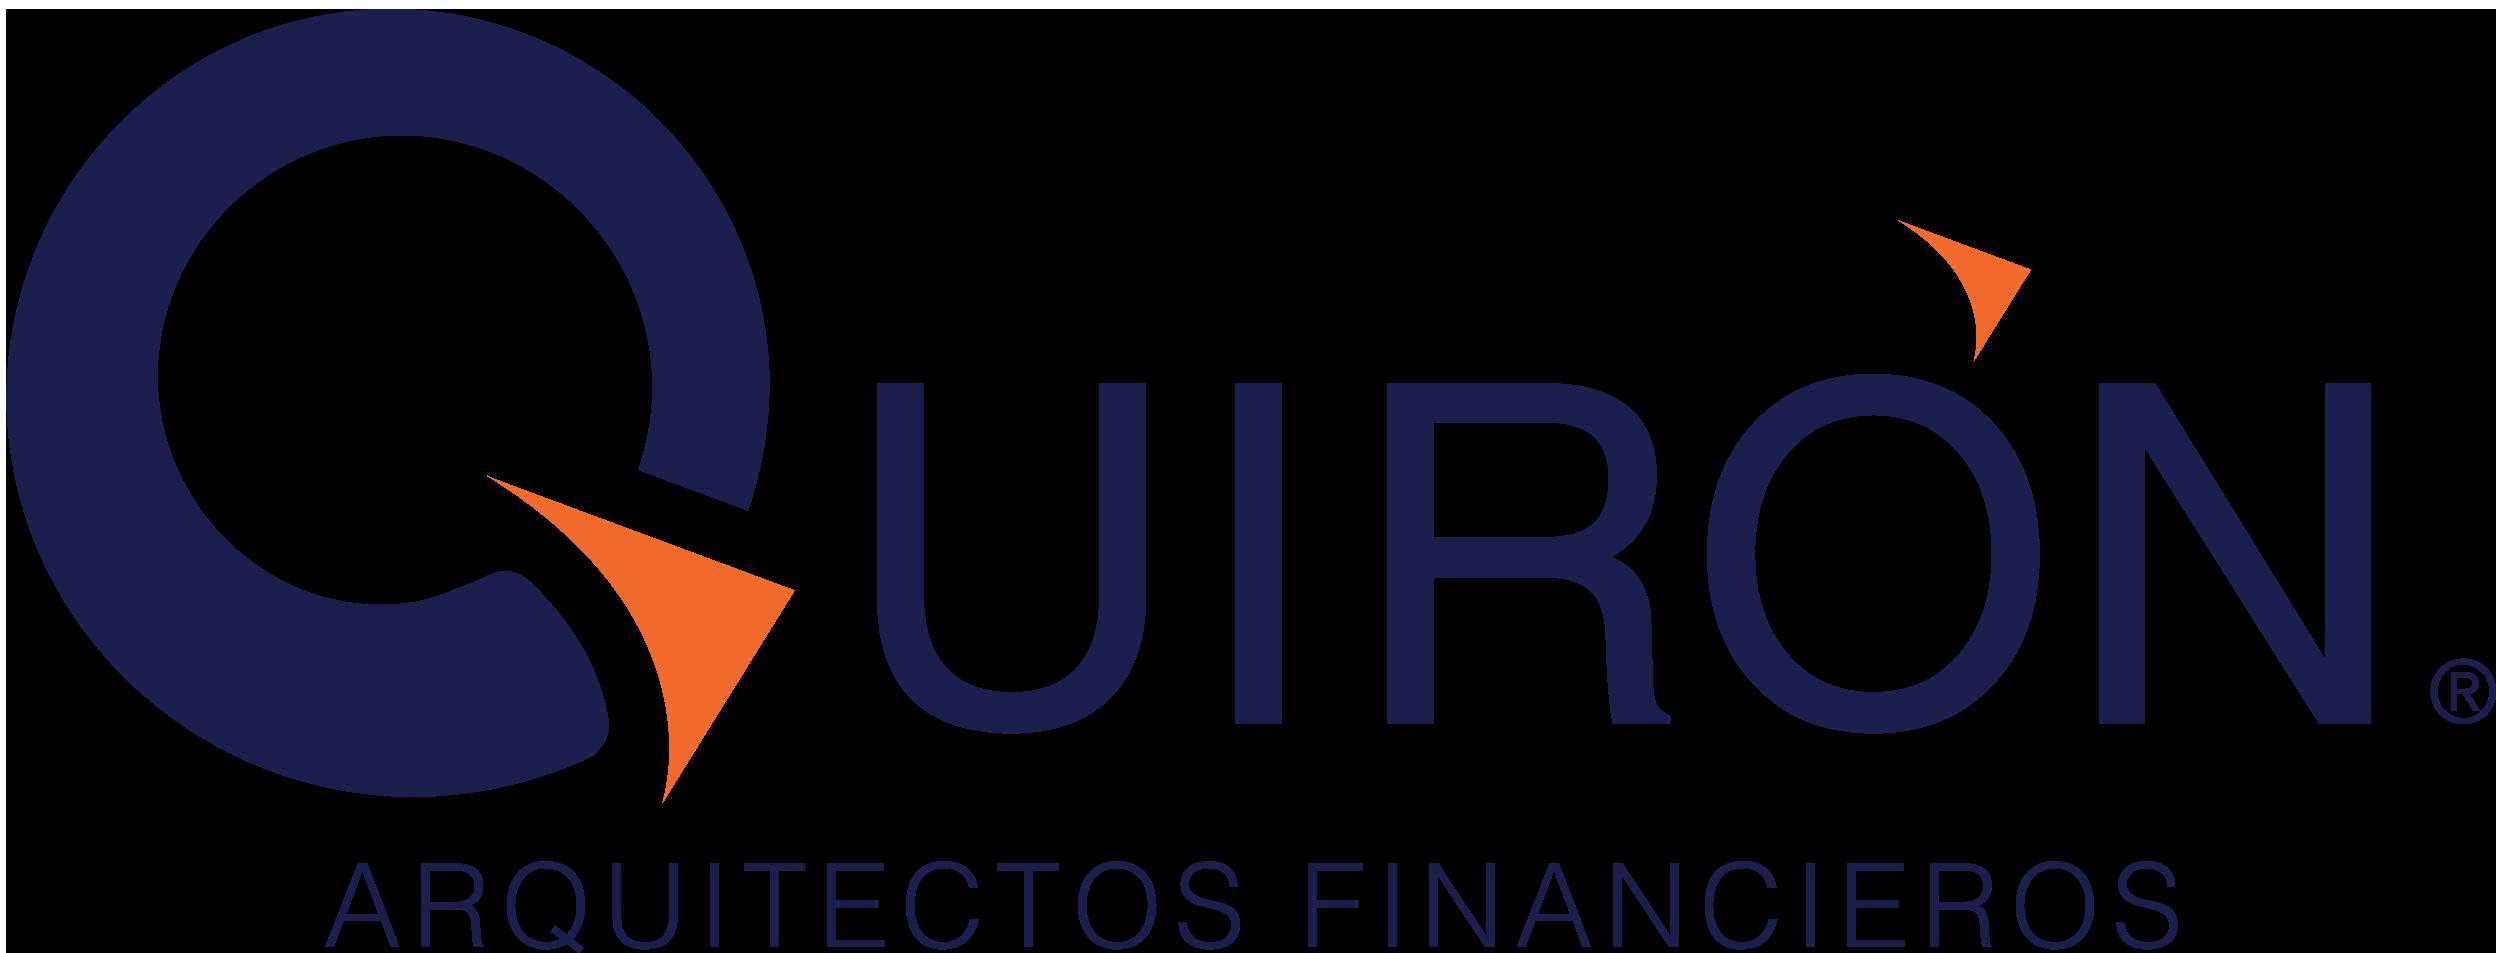 Quiron Arquitectos Financieros